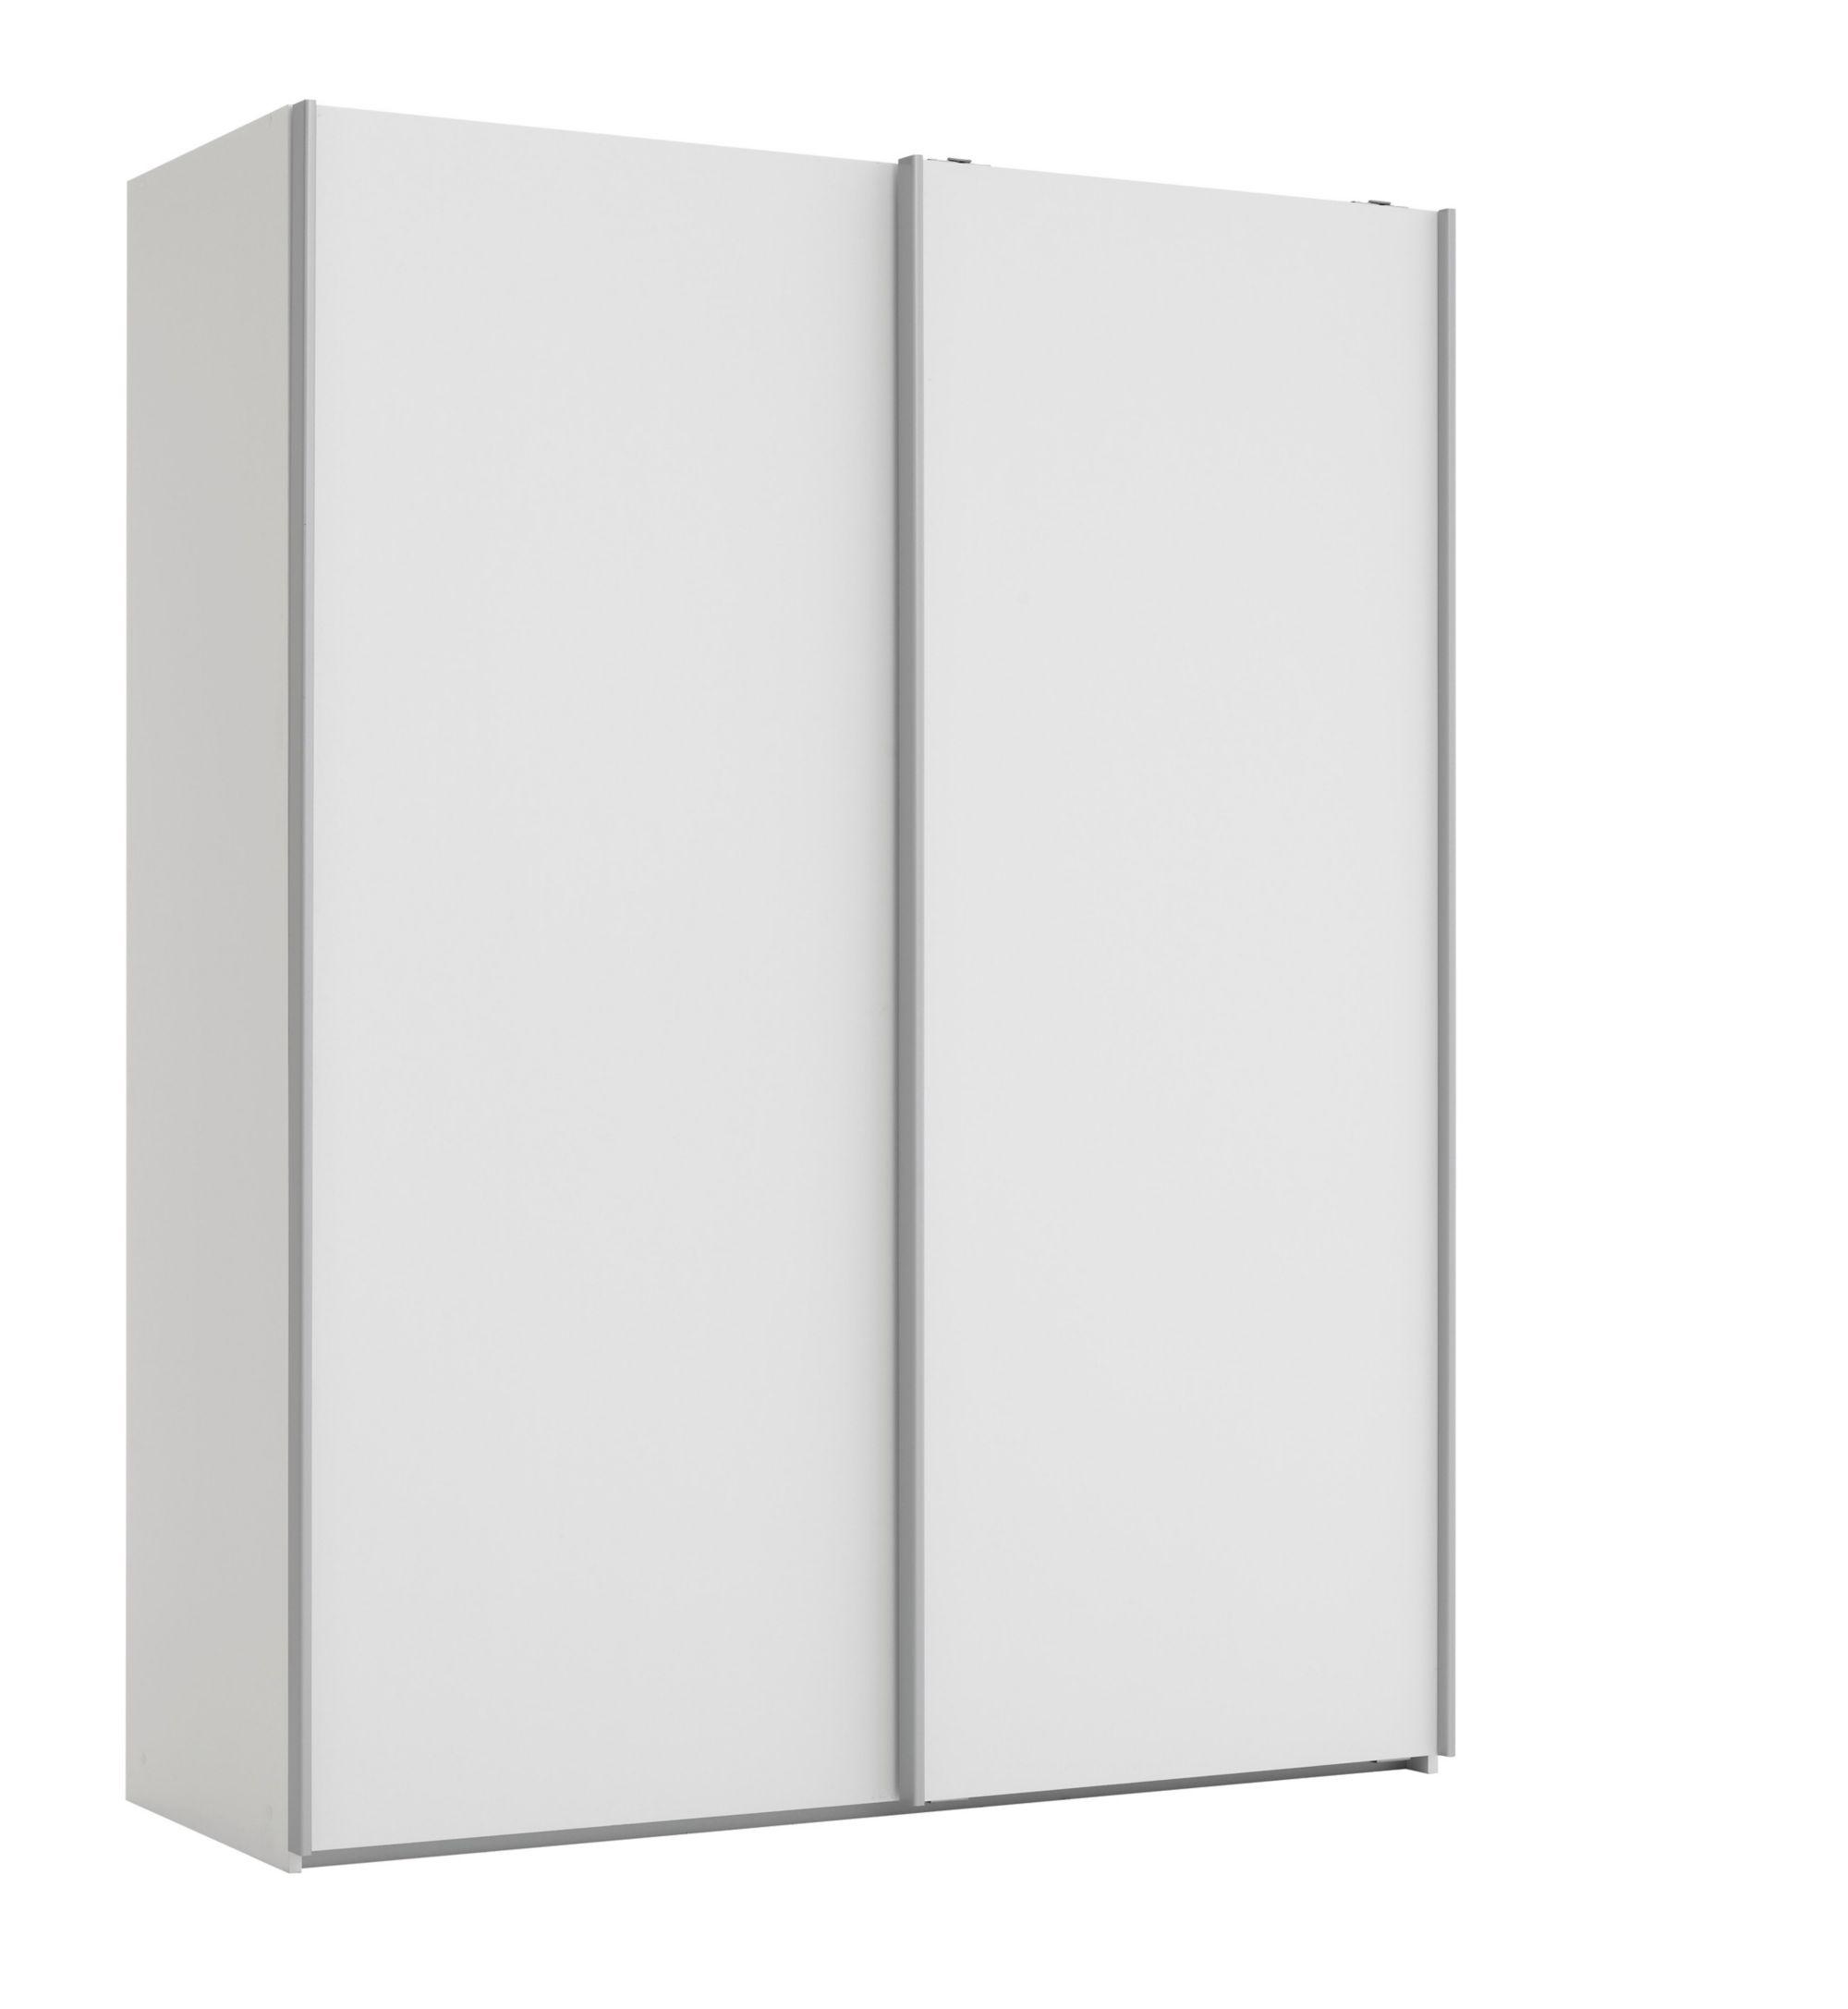 Armoire 2 portes l150 p61 cm blanc Armoire Chambre Meuble